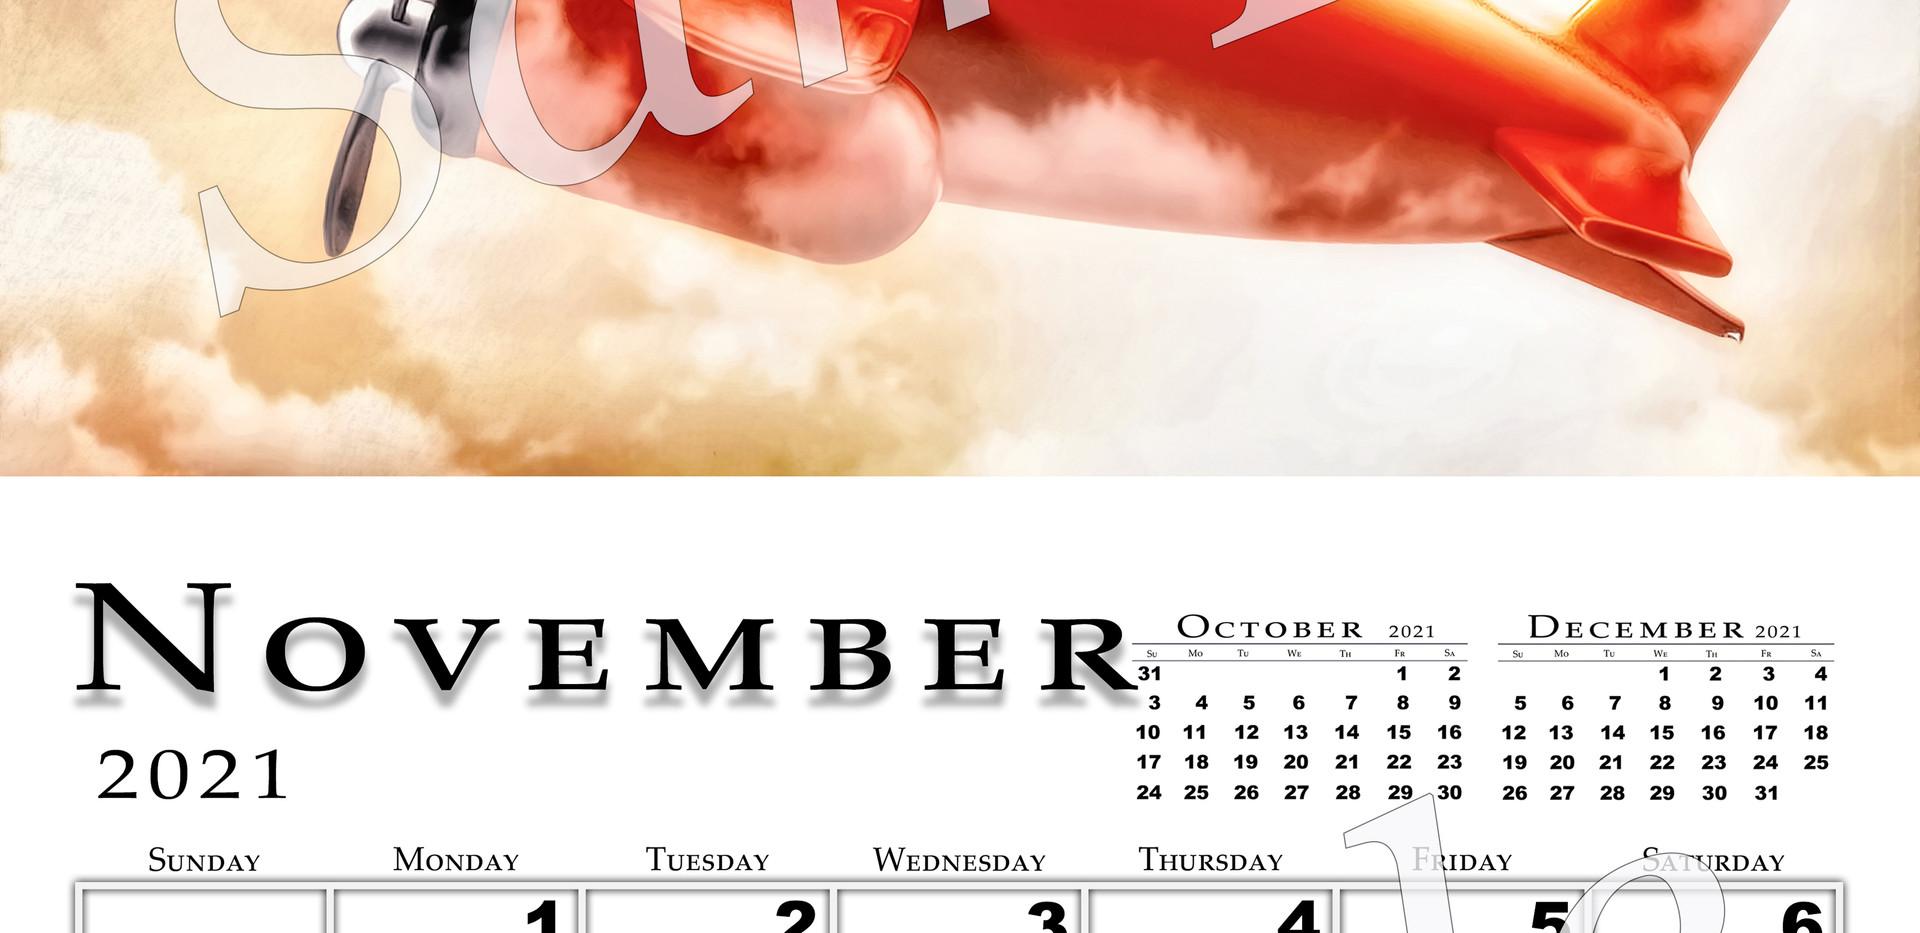 November 2021 Full Page Sample.jpg